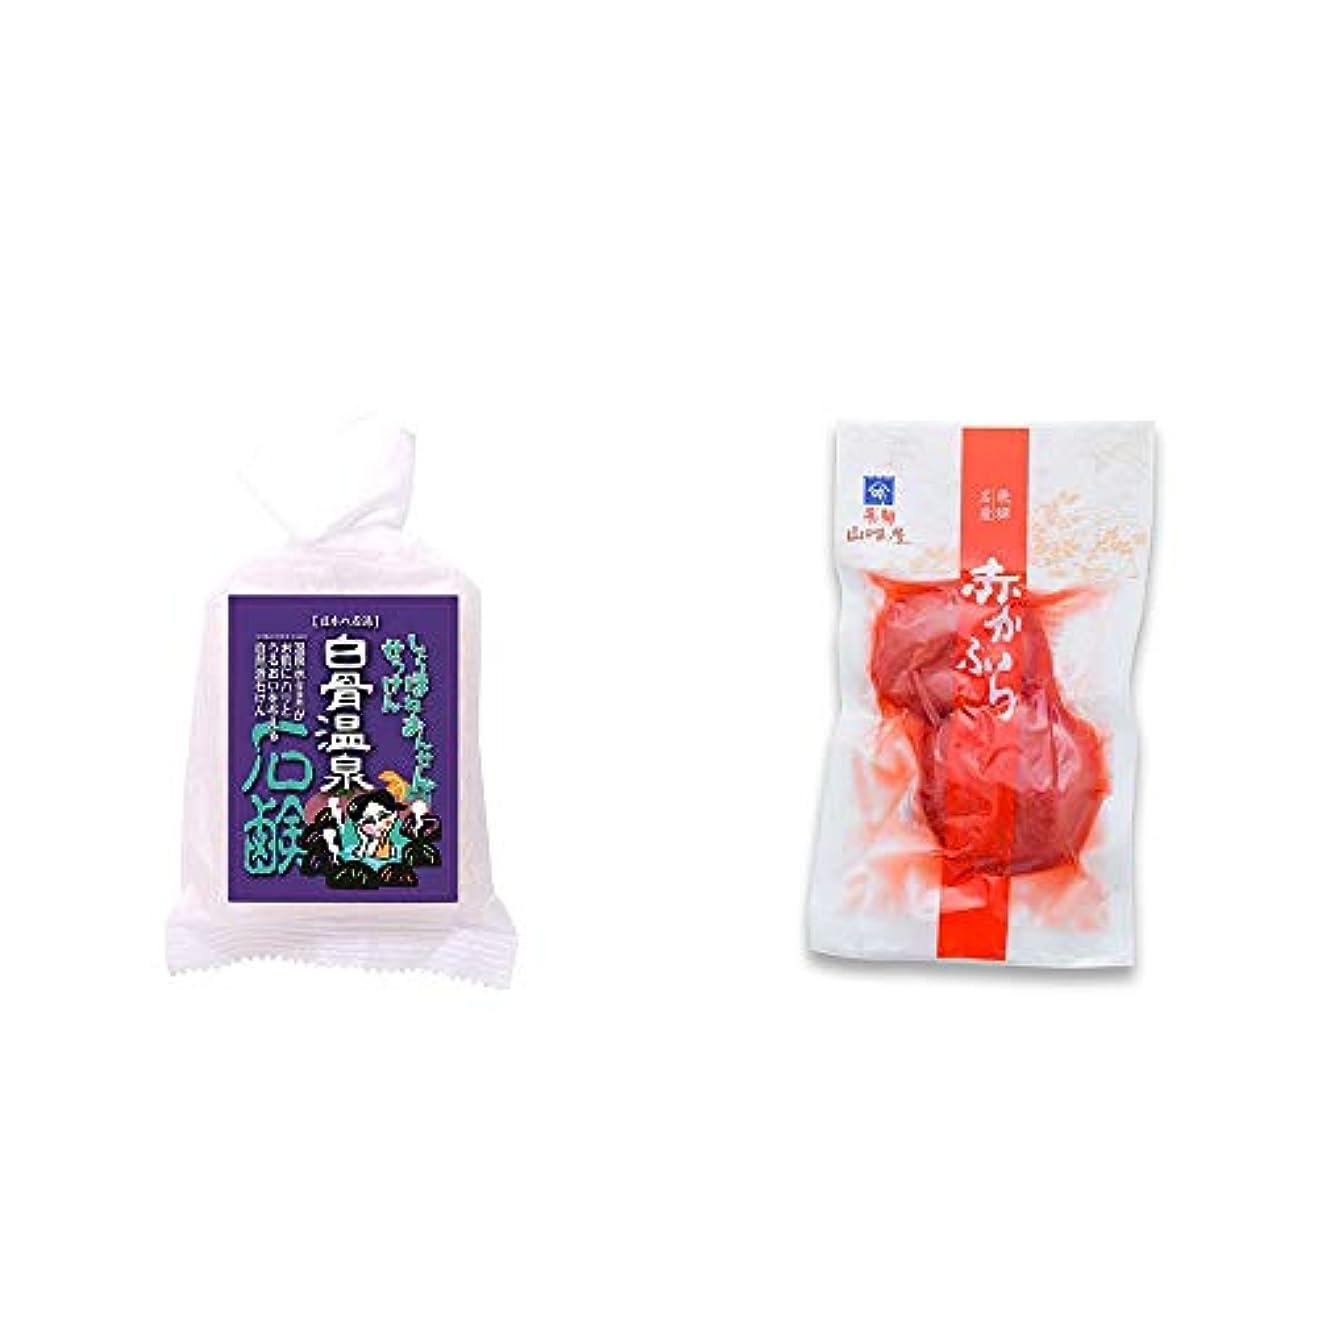 恋人タイヤ端末[2点セット] 信州 白骨温泉石鹸(80g)?飛騨山味屋 赤かぶら【小】(140g)